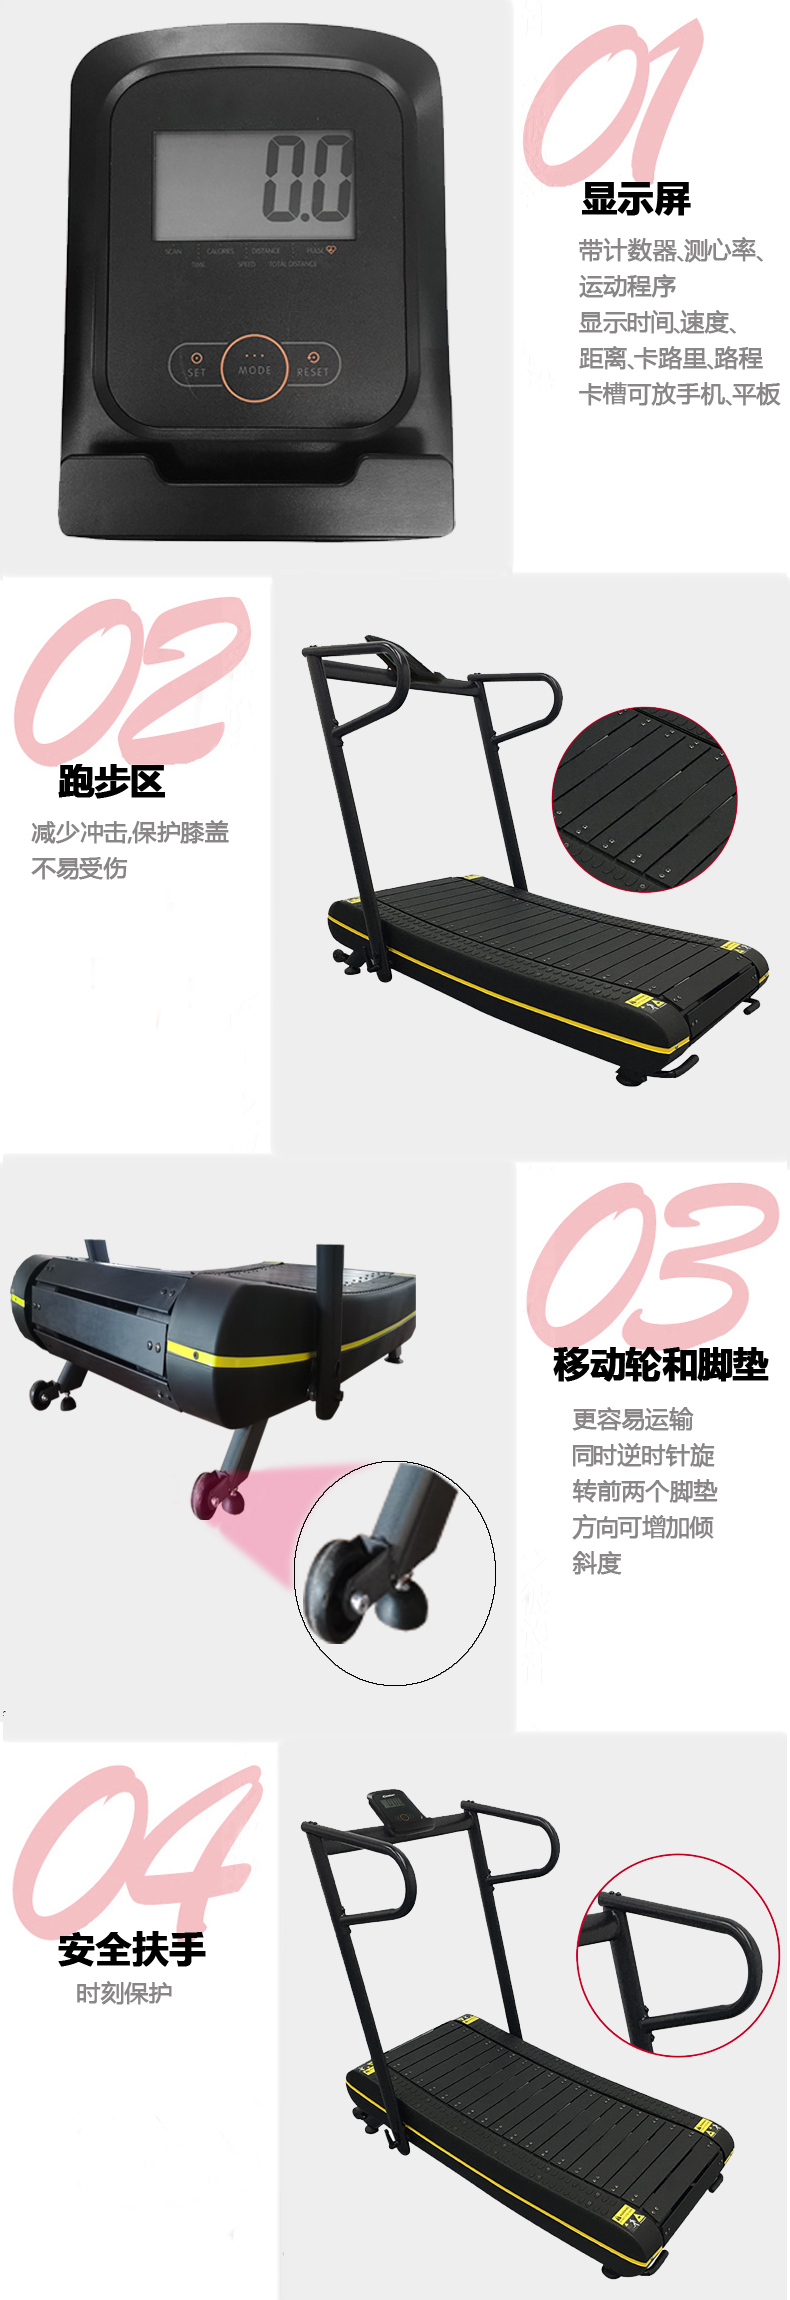 无动力跑步机产品细节